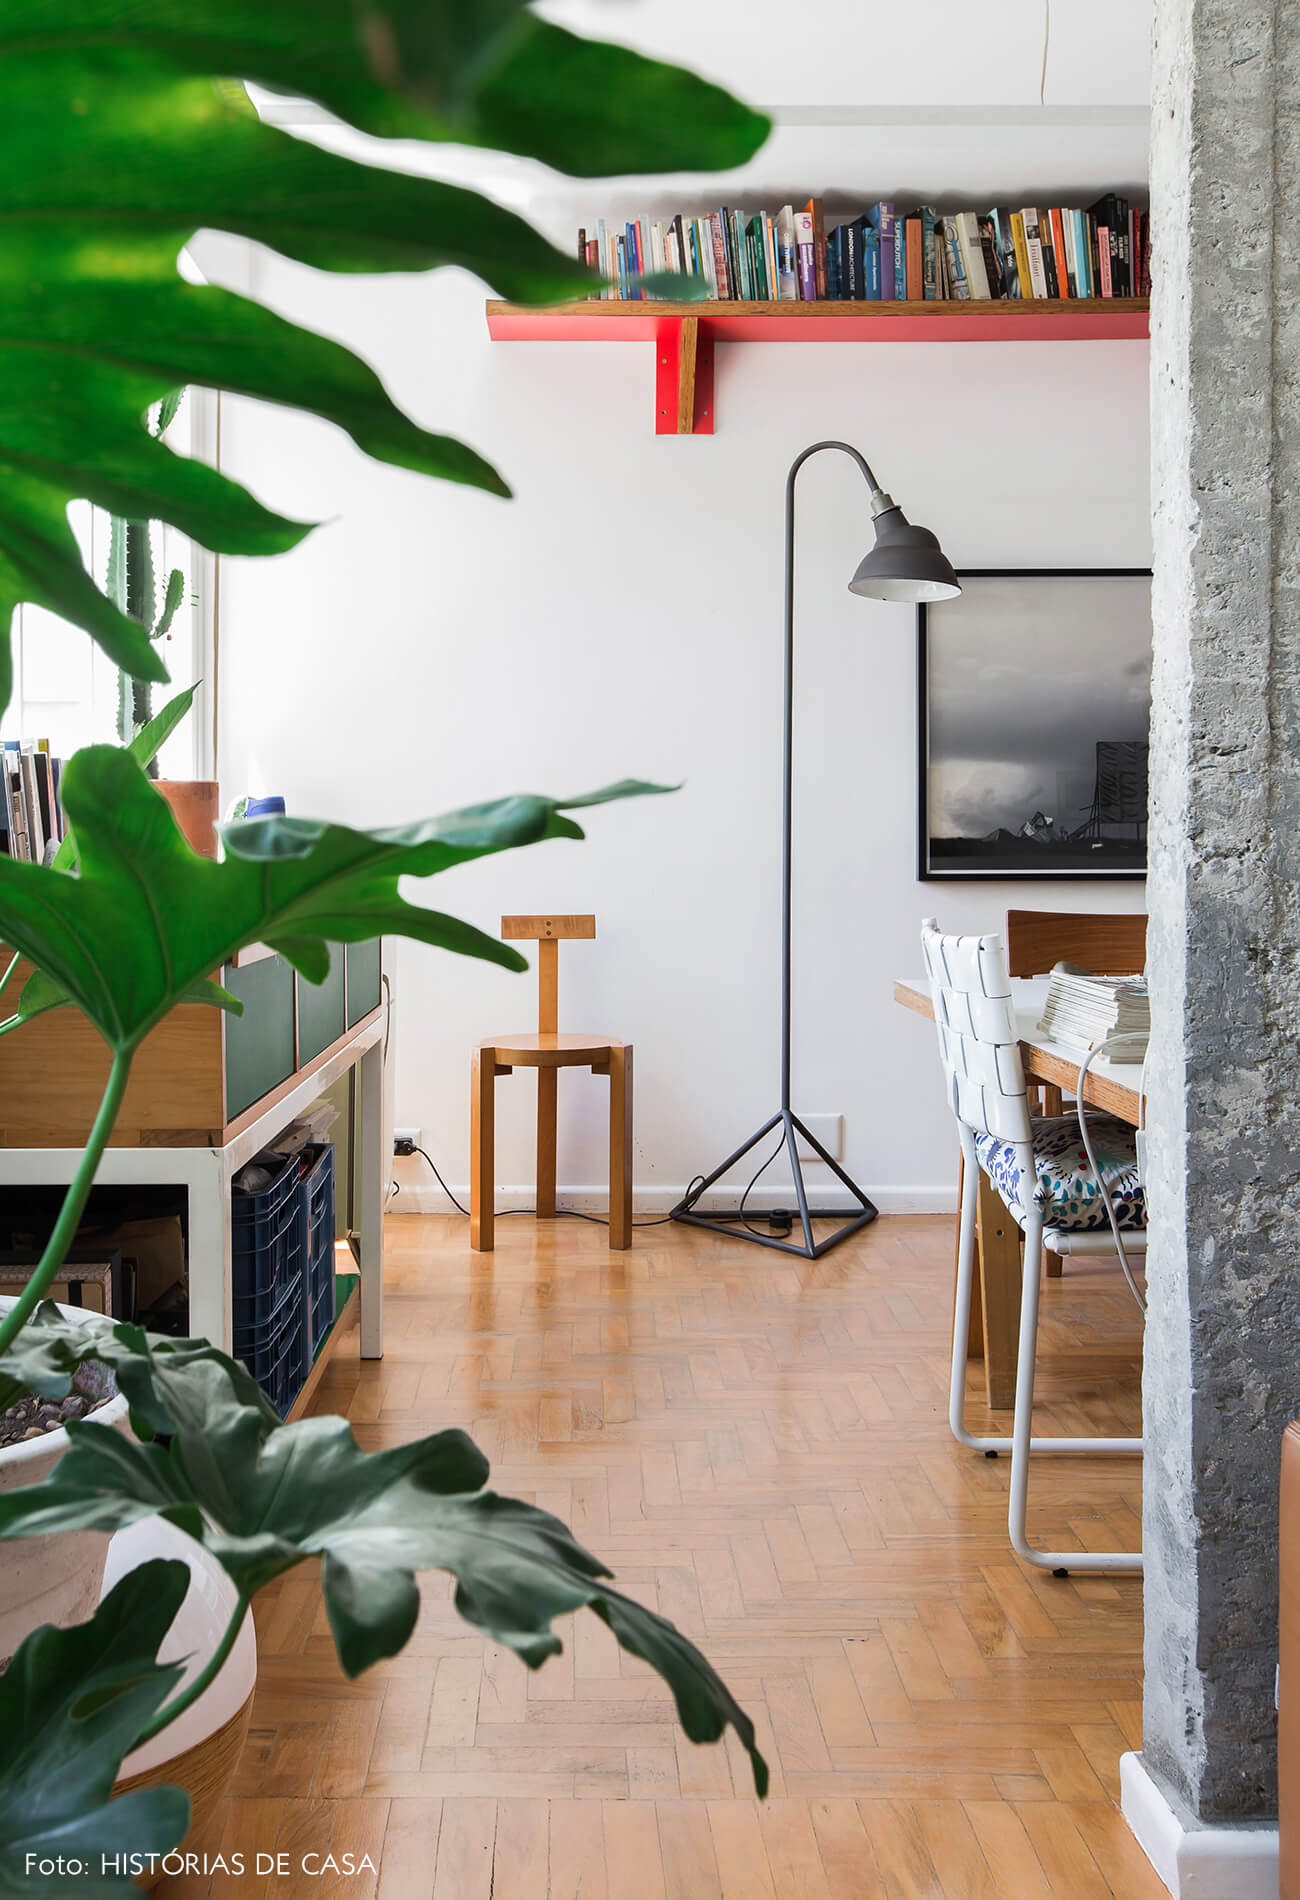 Apartamento integrado com pilares de concreto e piso de tacos